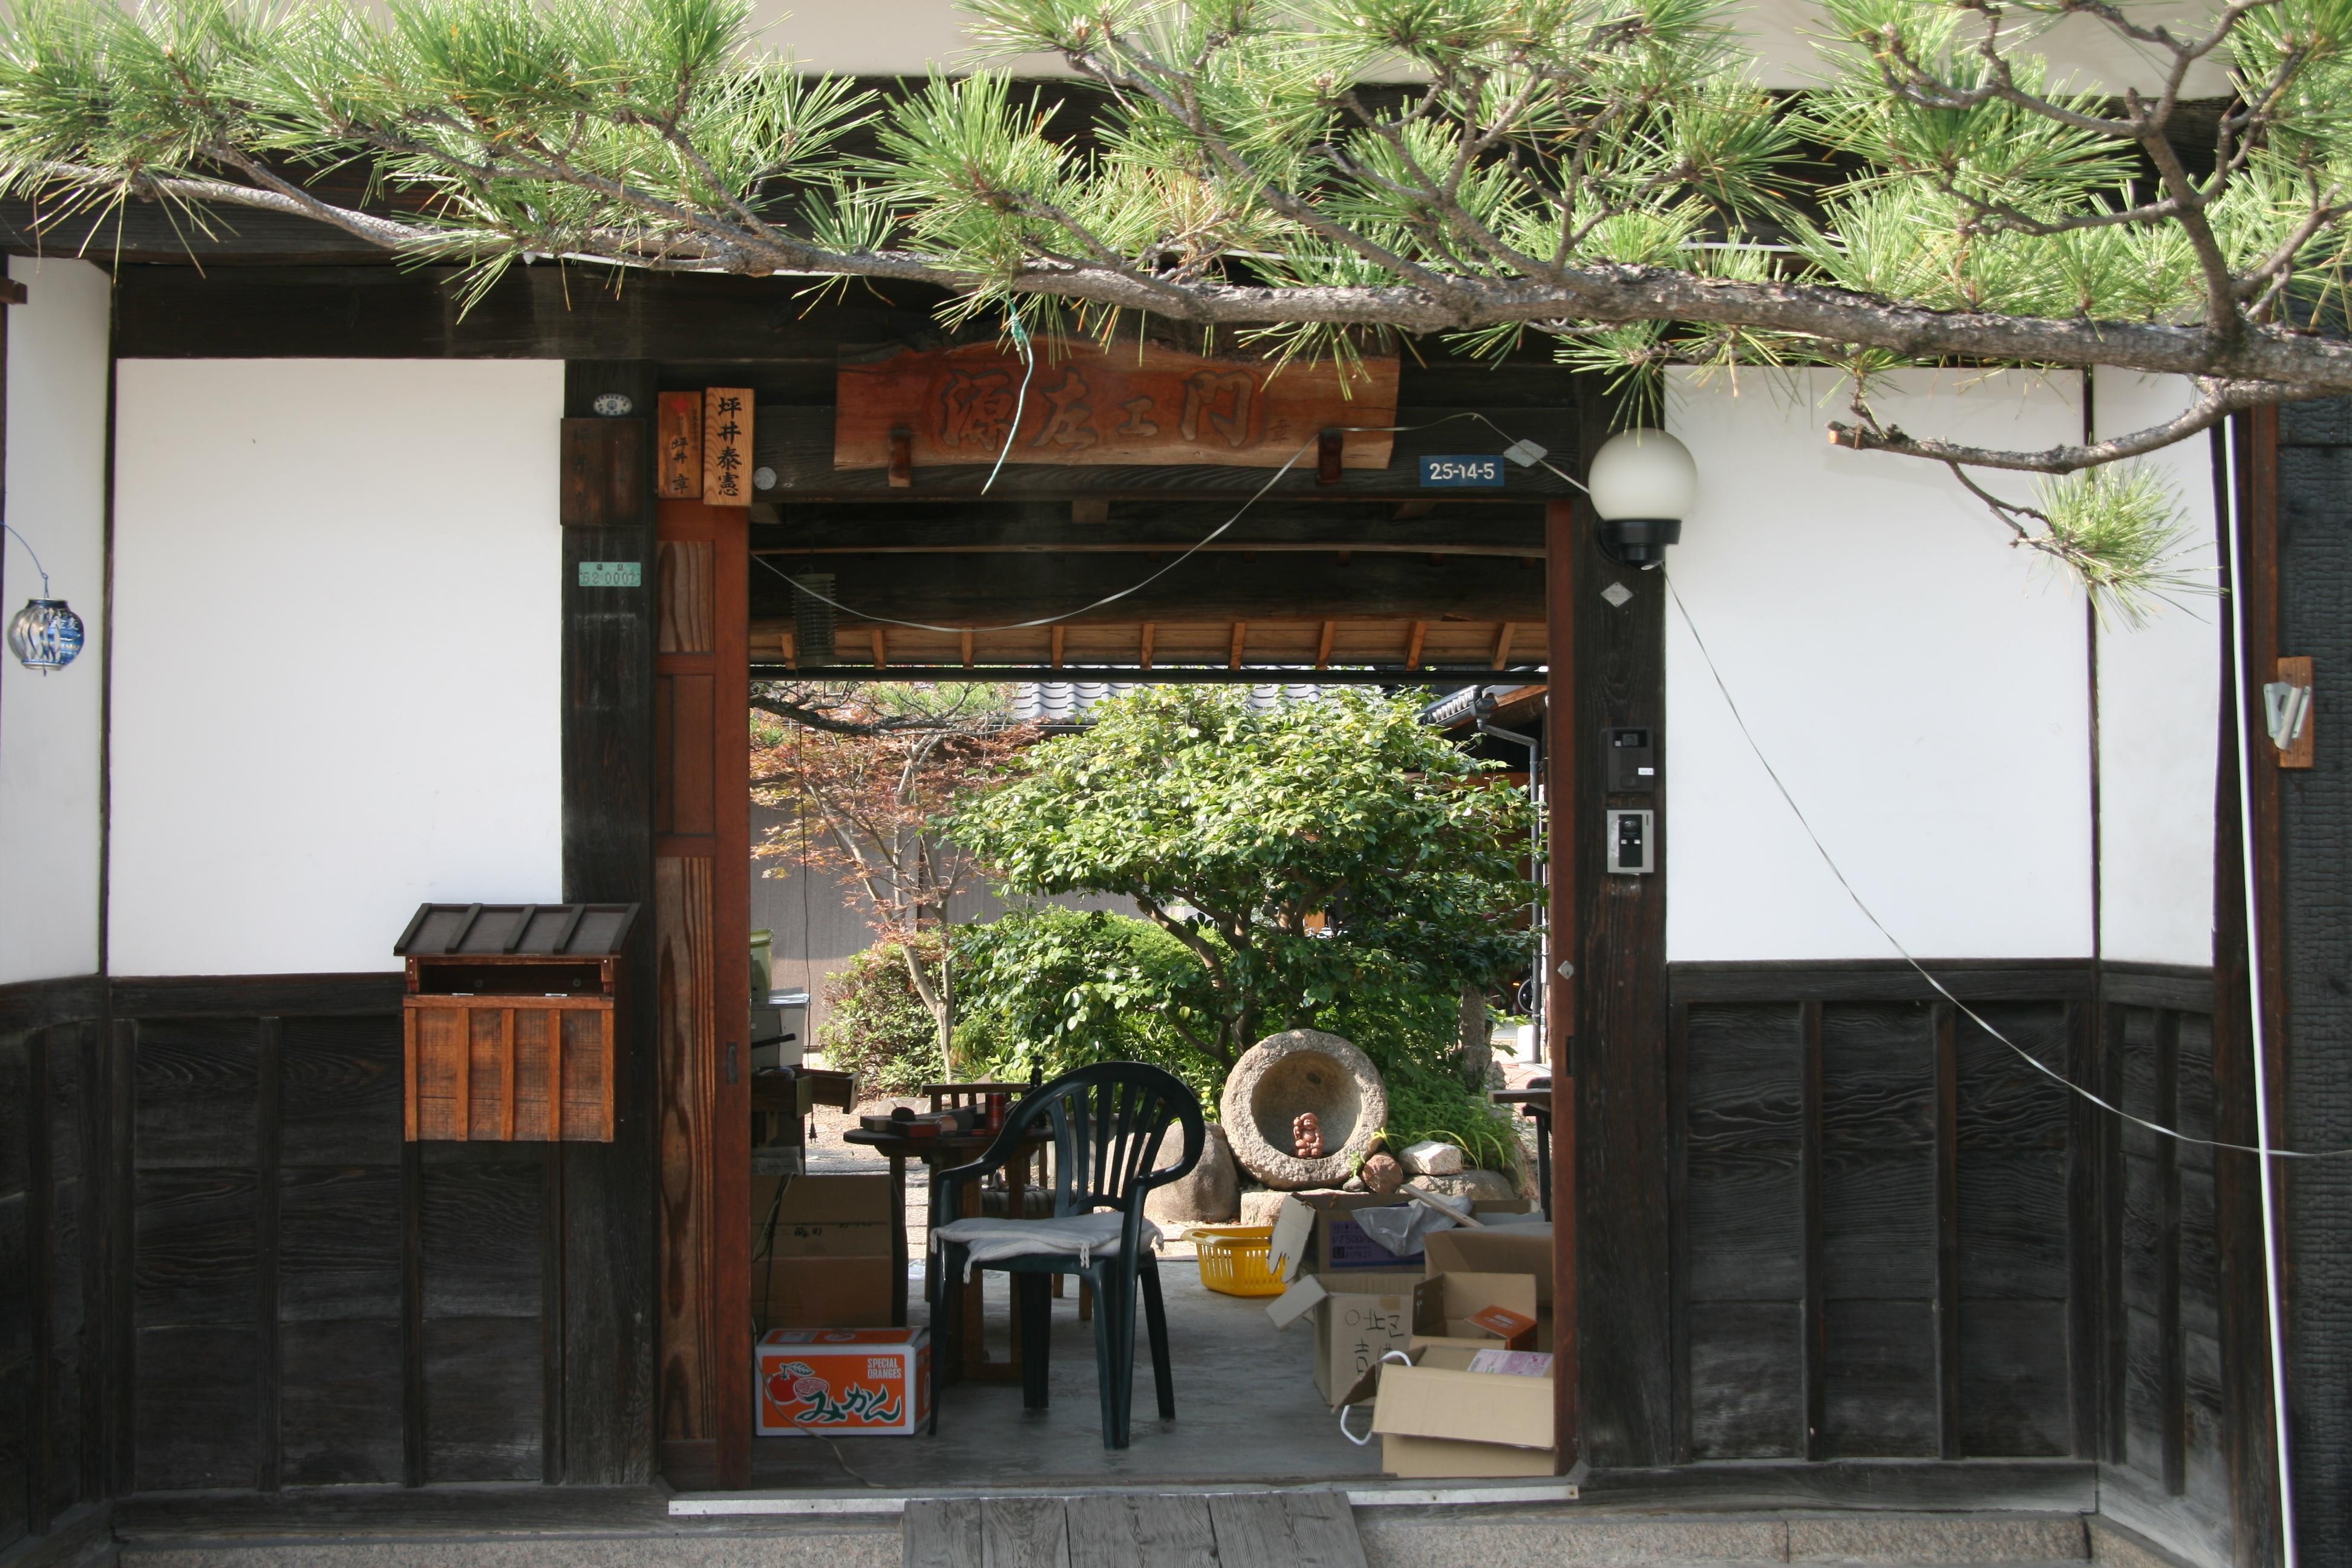 戸川八百次郎 - JapaneseClass.j...